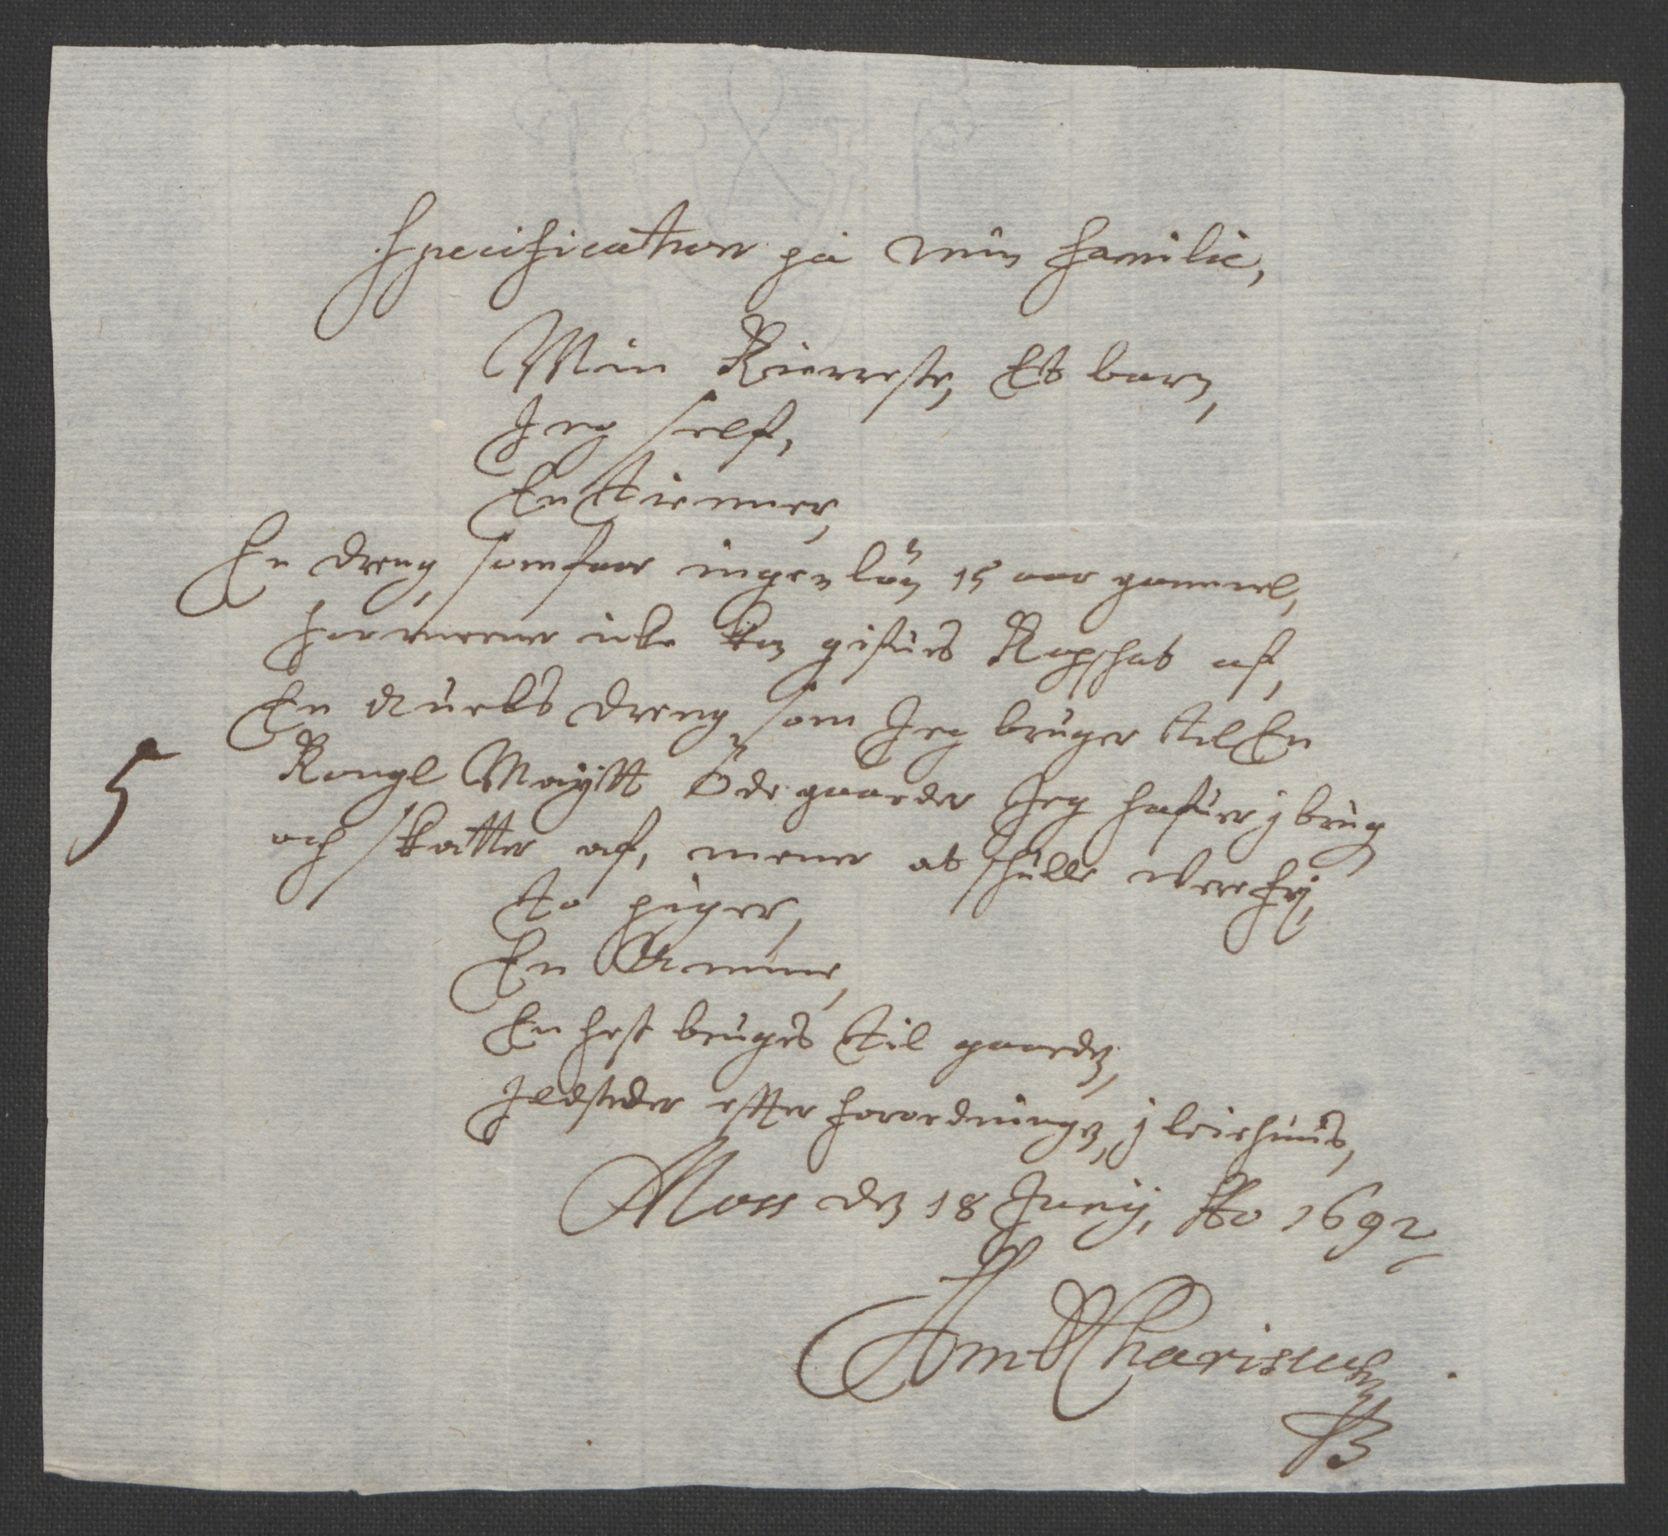 RA, Rentekammeret inntil 1814, Reviderte regnskaper, Fogderegnskap, R02/L0108: Fogderegnskap Moss og Verne kloster, 1692-1693, s. 158